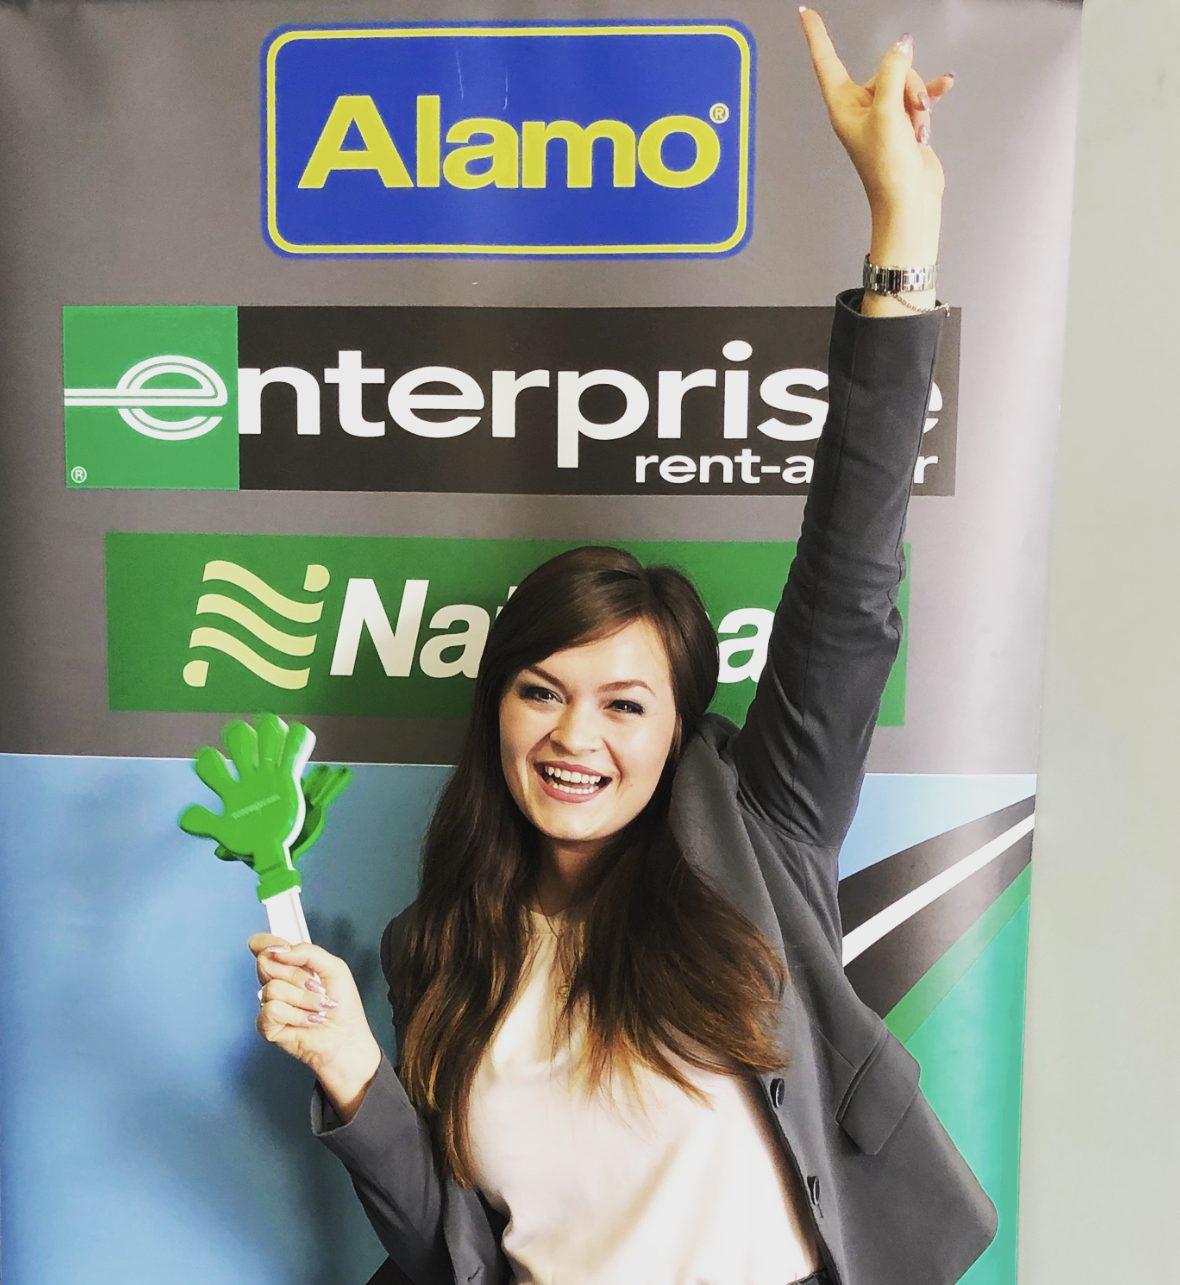 Karriere bei Enterprise: Nutze die verschiedenen Einstiegsmöglichkeiten